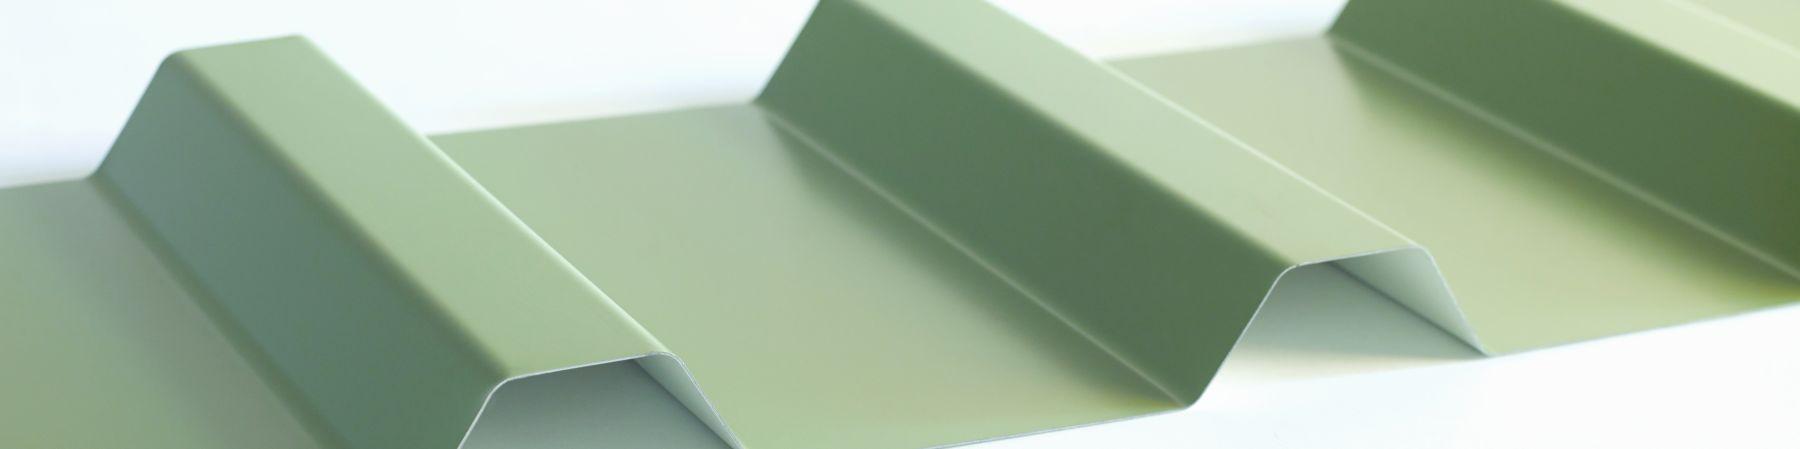 Trapezblech Aluminium - Profilverkauf Gehrmann